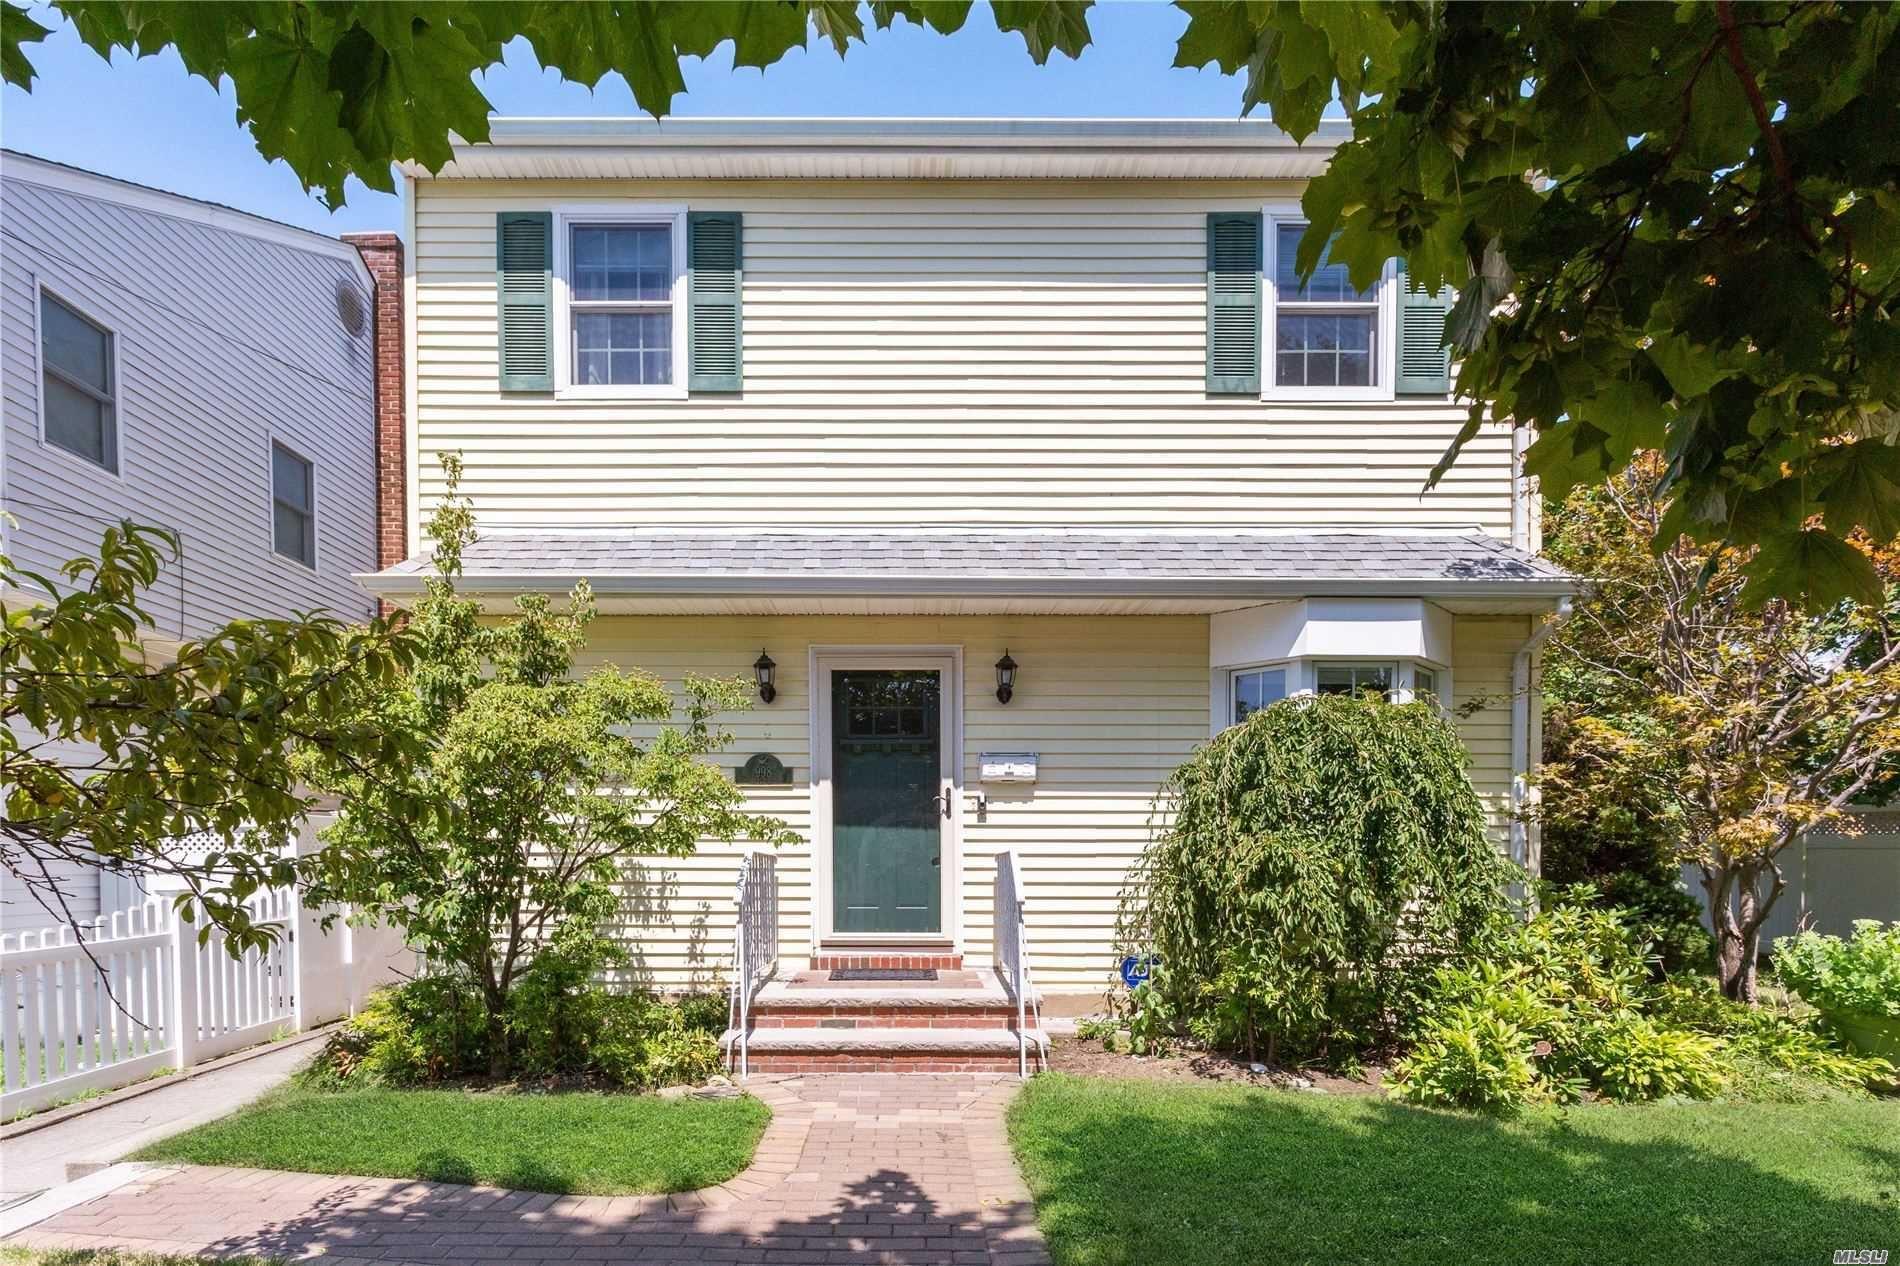 998 Naple Ave, Franklin Square, NY 11010 - MLS#: 3240401